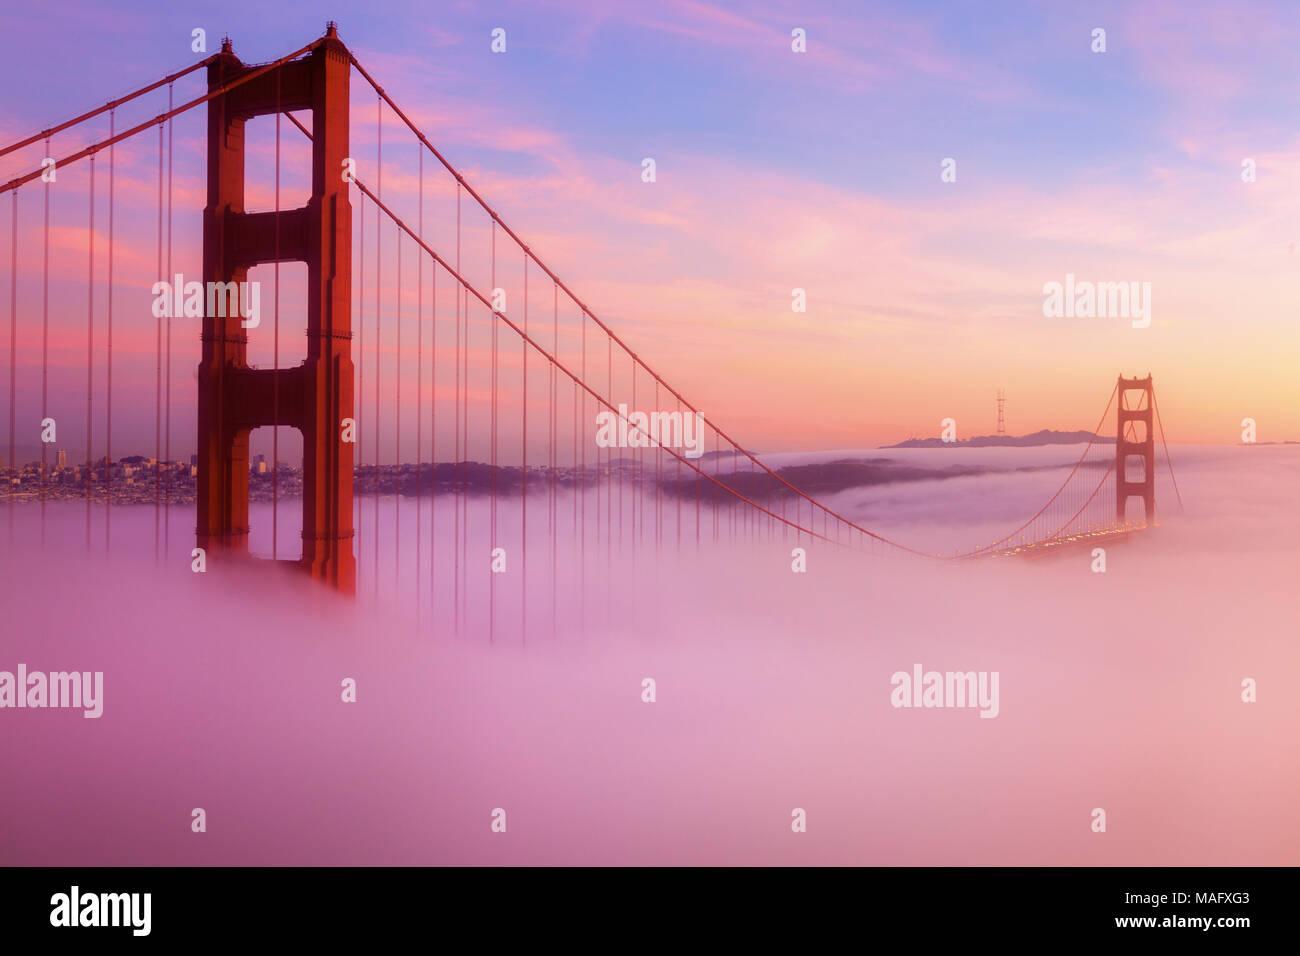 Die Golden Gate Bridge ist eine Popuar touristische Destination in San Francisco Kalifornien. Stockbild